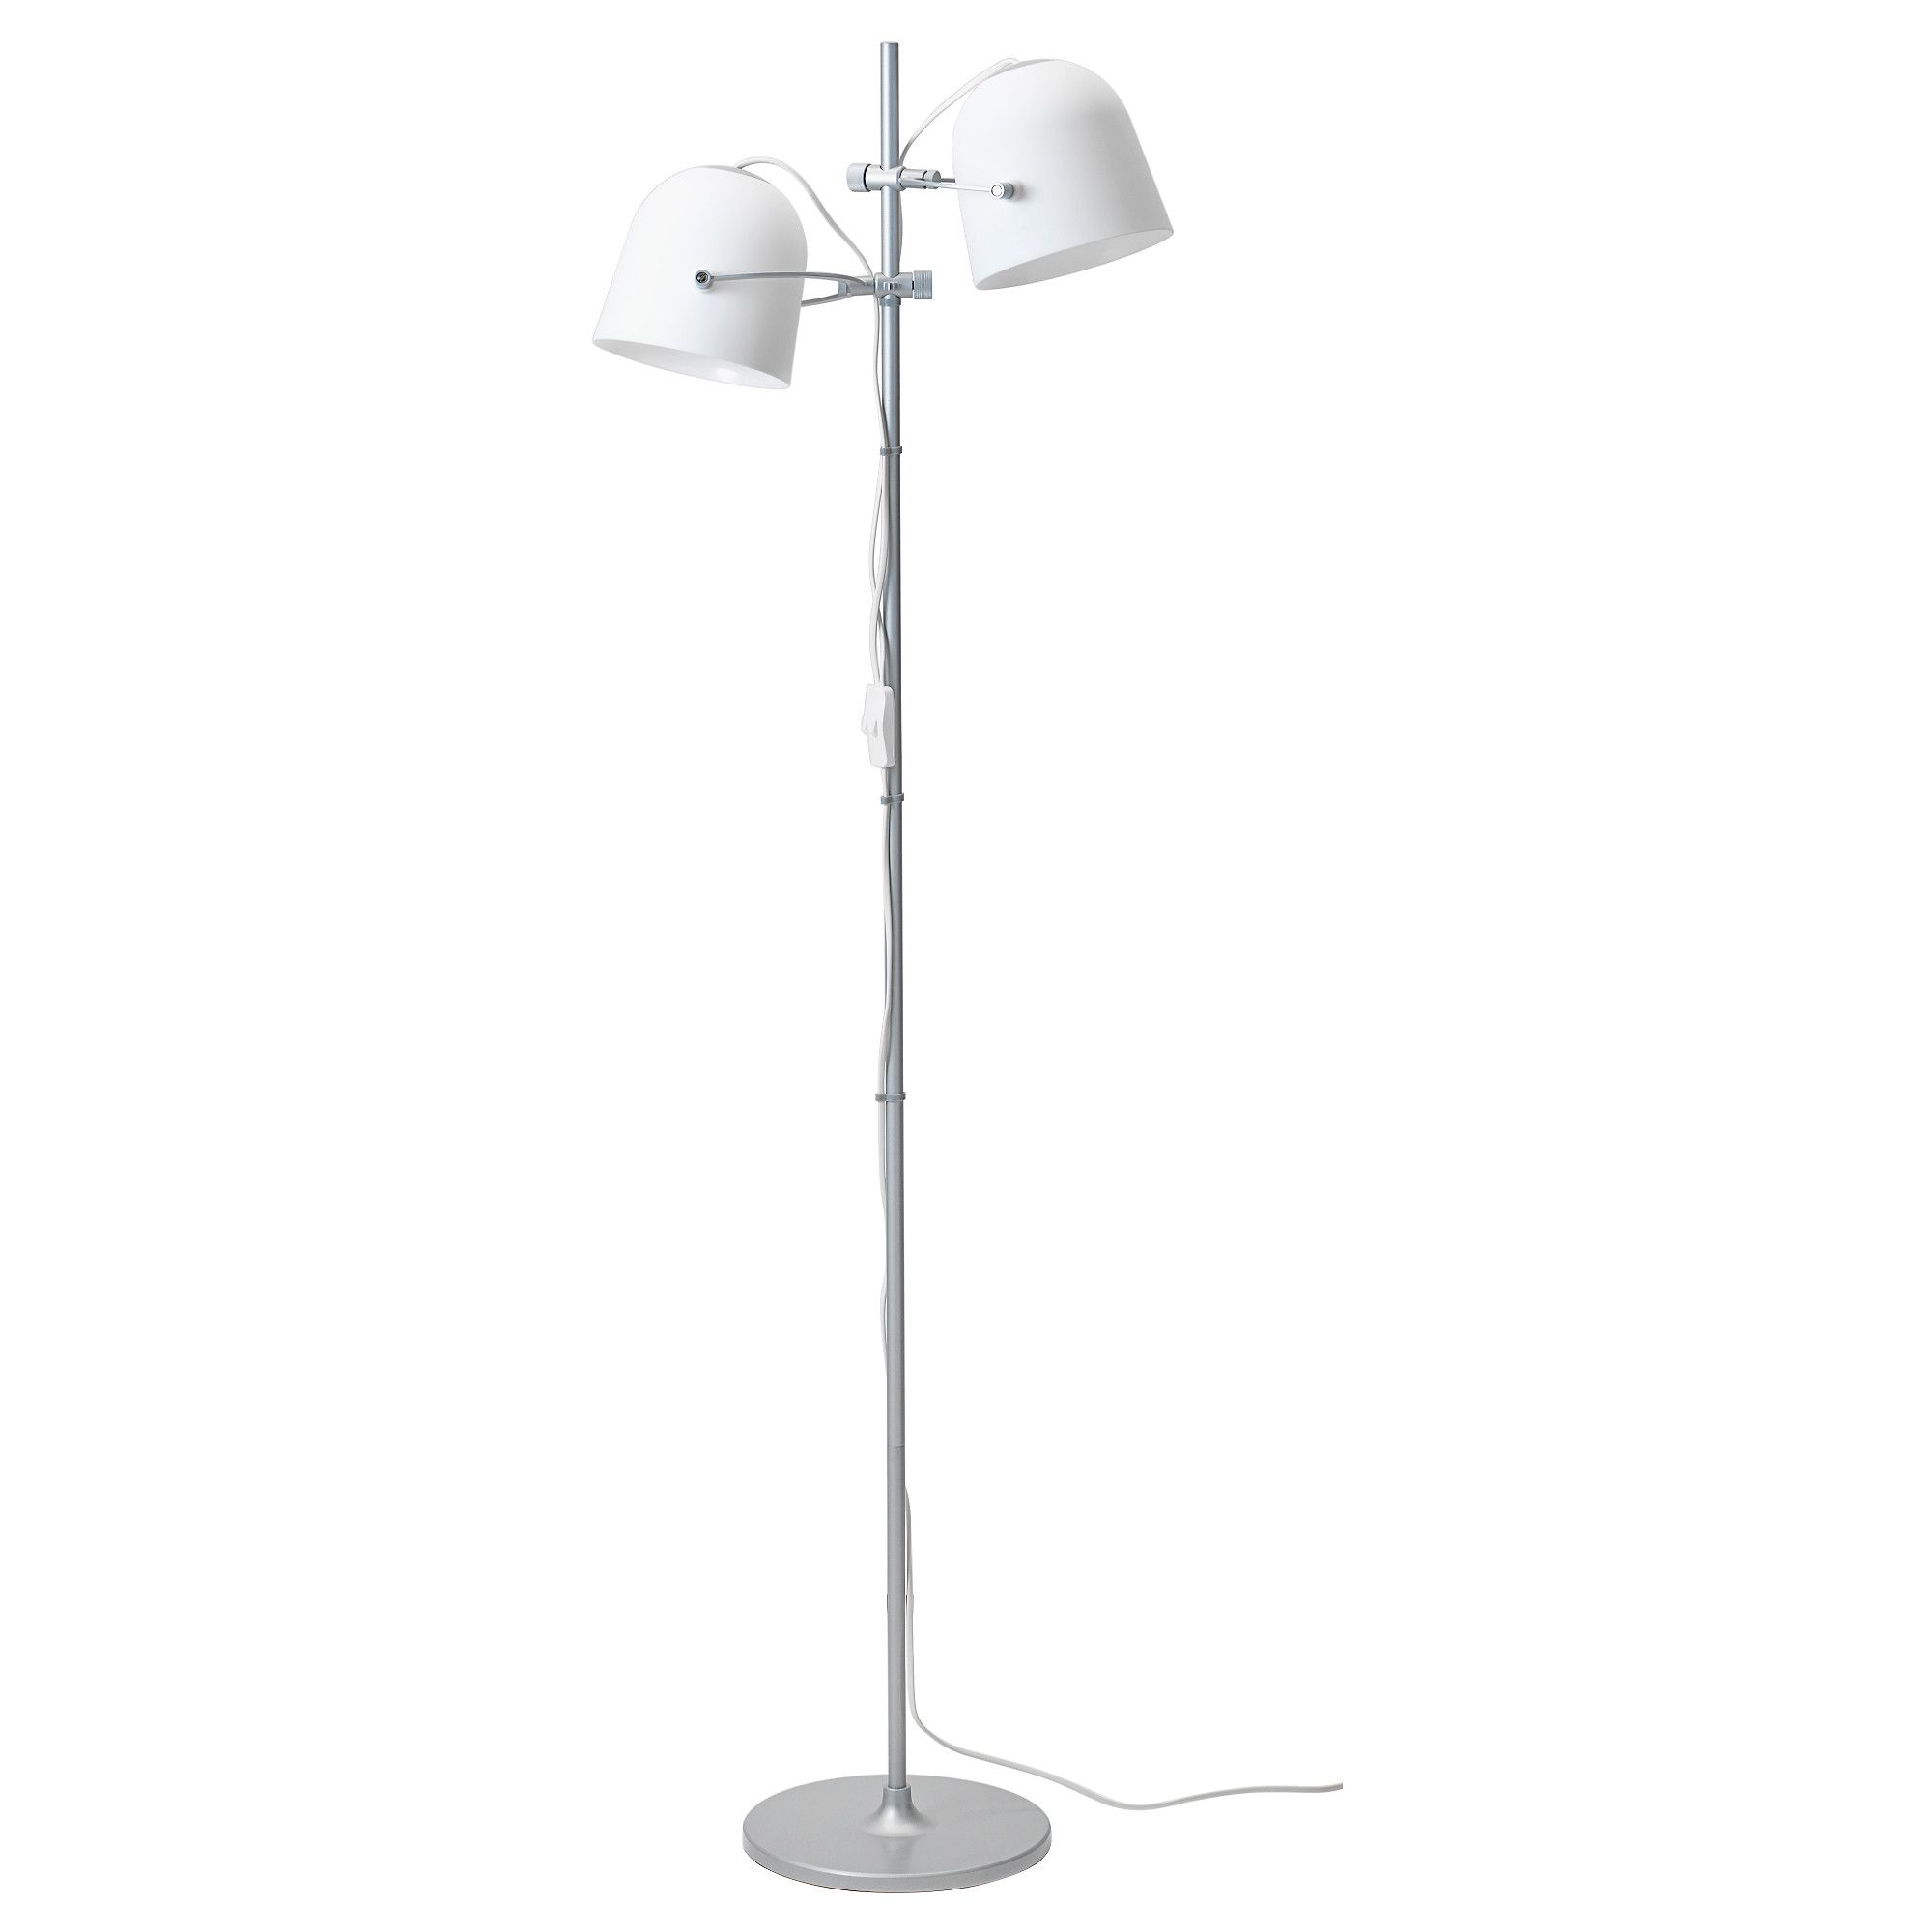 Svirvel Standleuchte Mit 2 Schirmen Weiss Bodenlampe